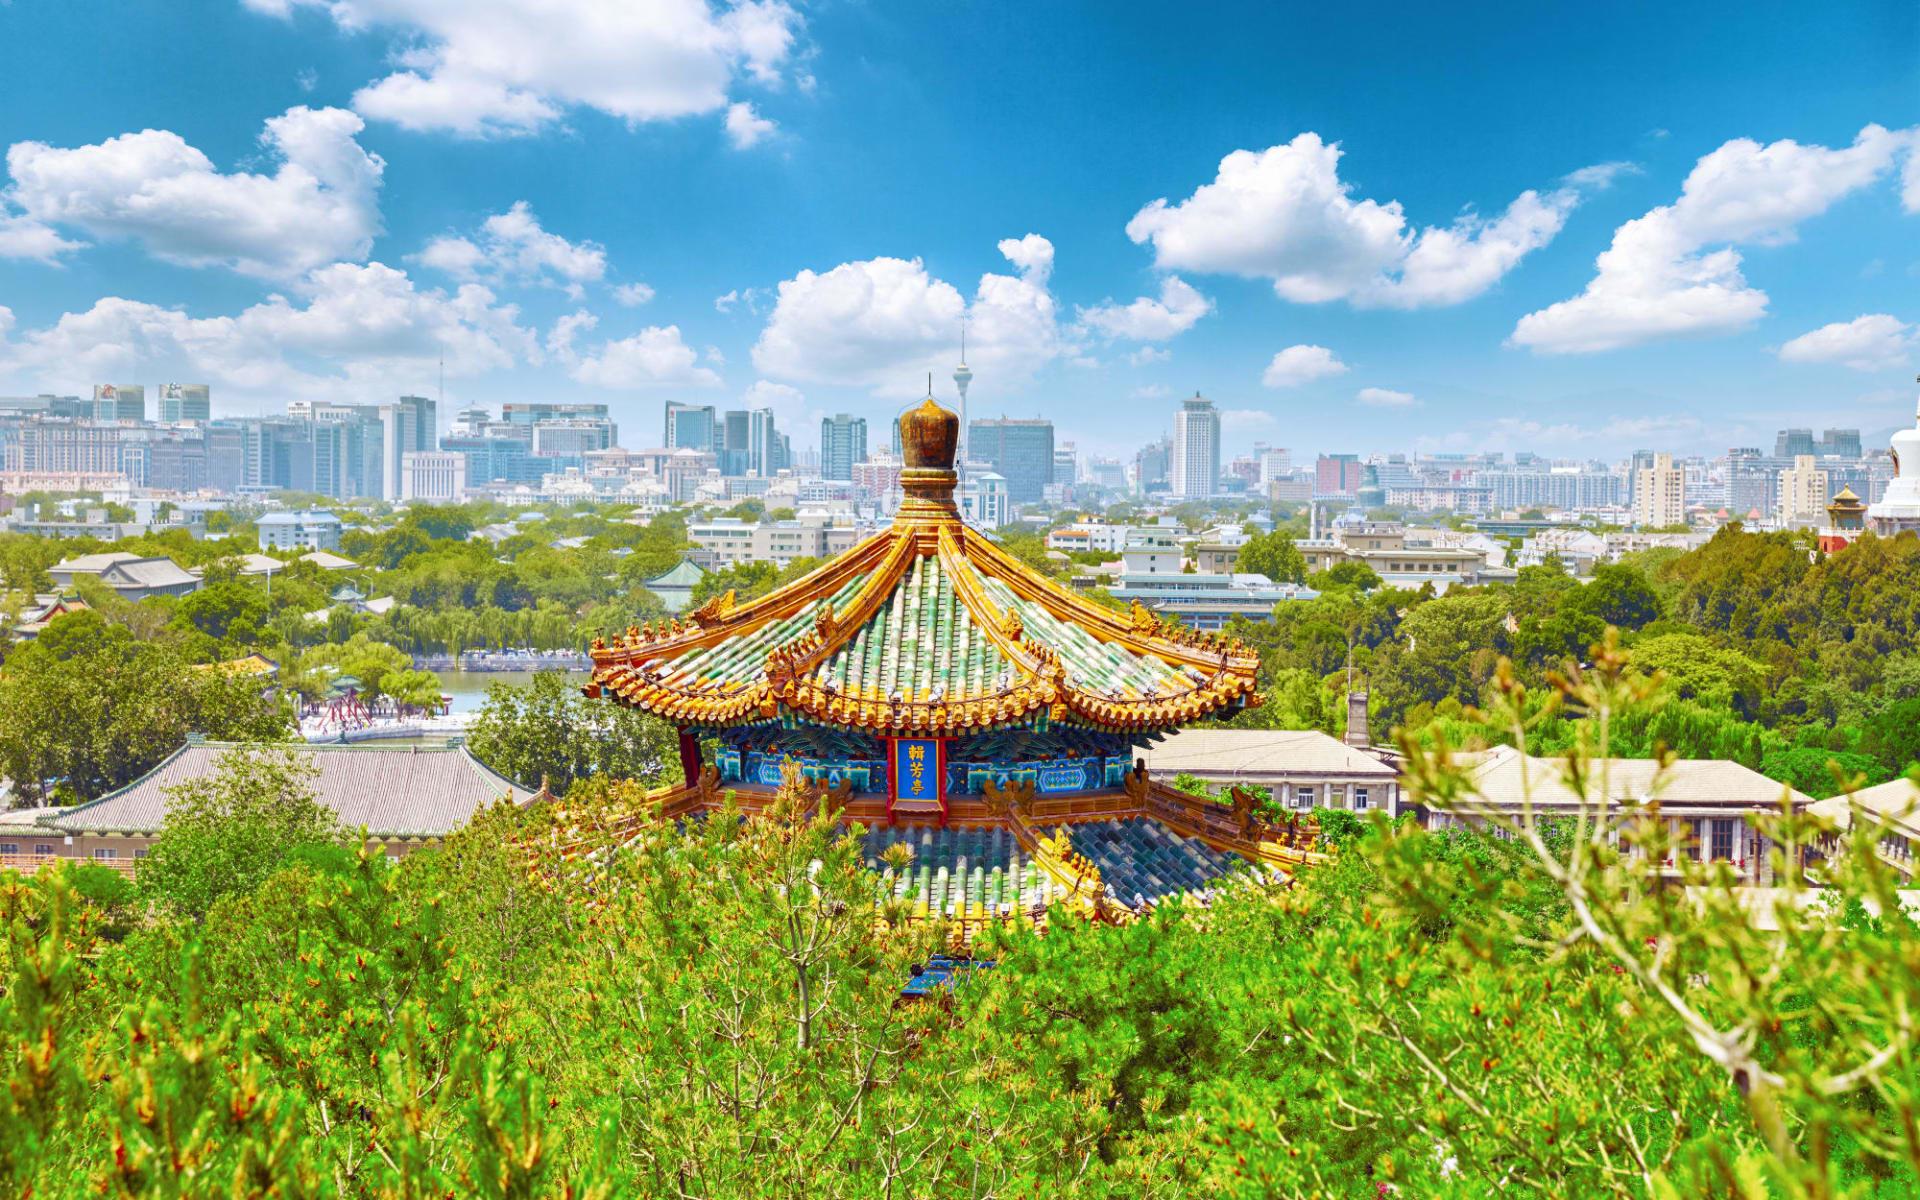 Hotel Bamboo Garden in Peking:  Peking Jingshan Park